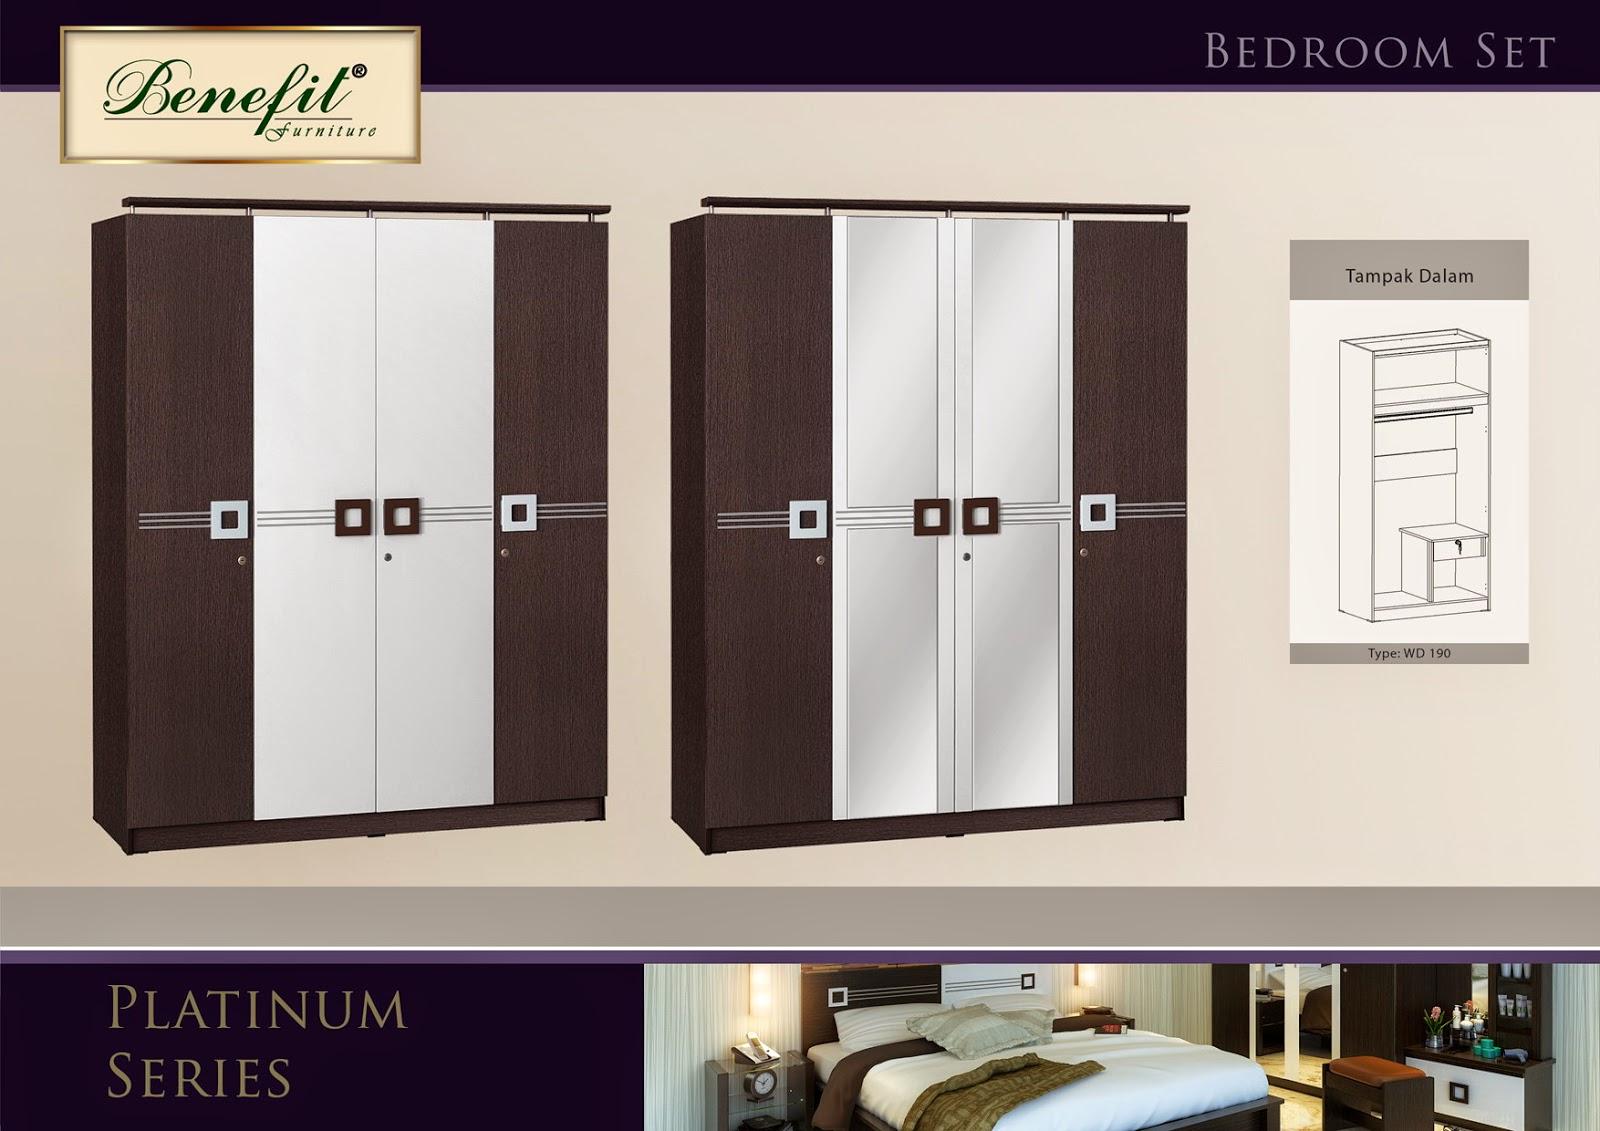 http://www.lemarionline.com/2013/12/lemari-pakaian-4-pintu-platinum-series.html